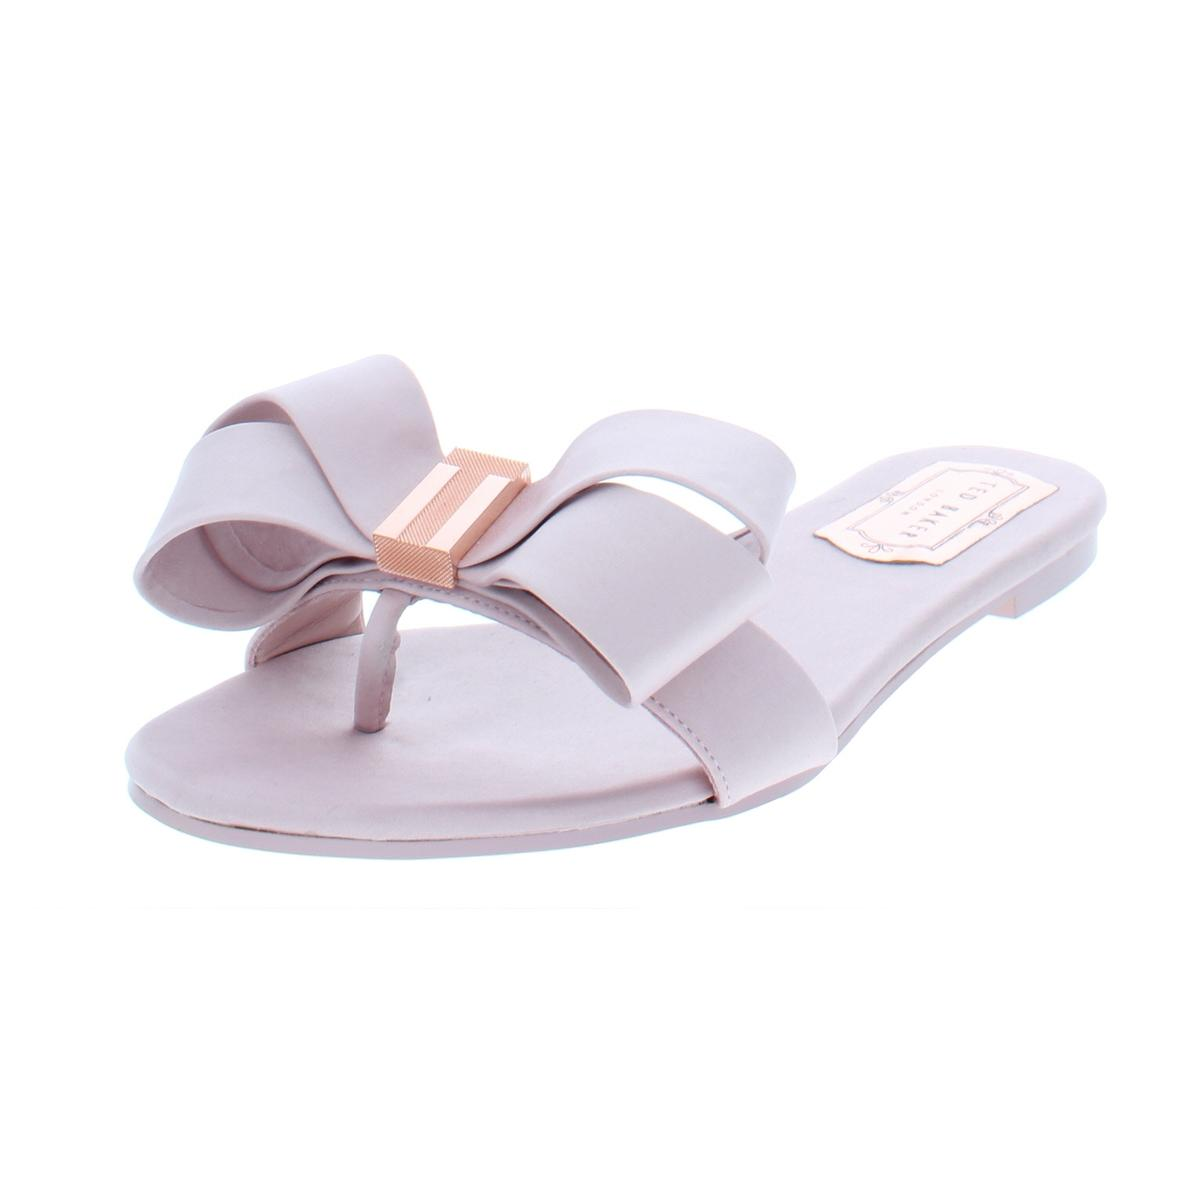 82d35b7de29c Details about Ted Baker Womens Beauita Pink Slide Sandals Shoes 8.5 Medium  (B